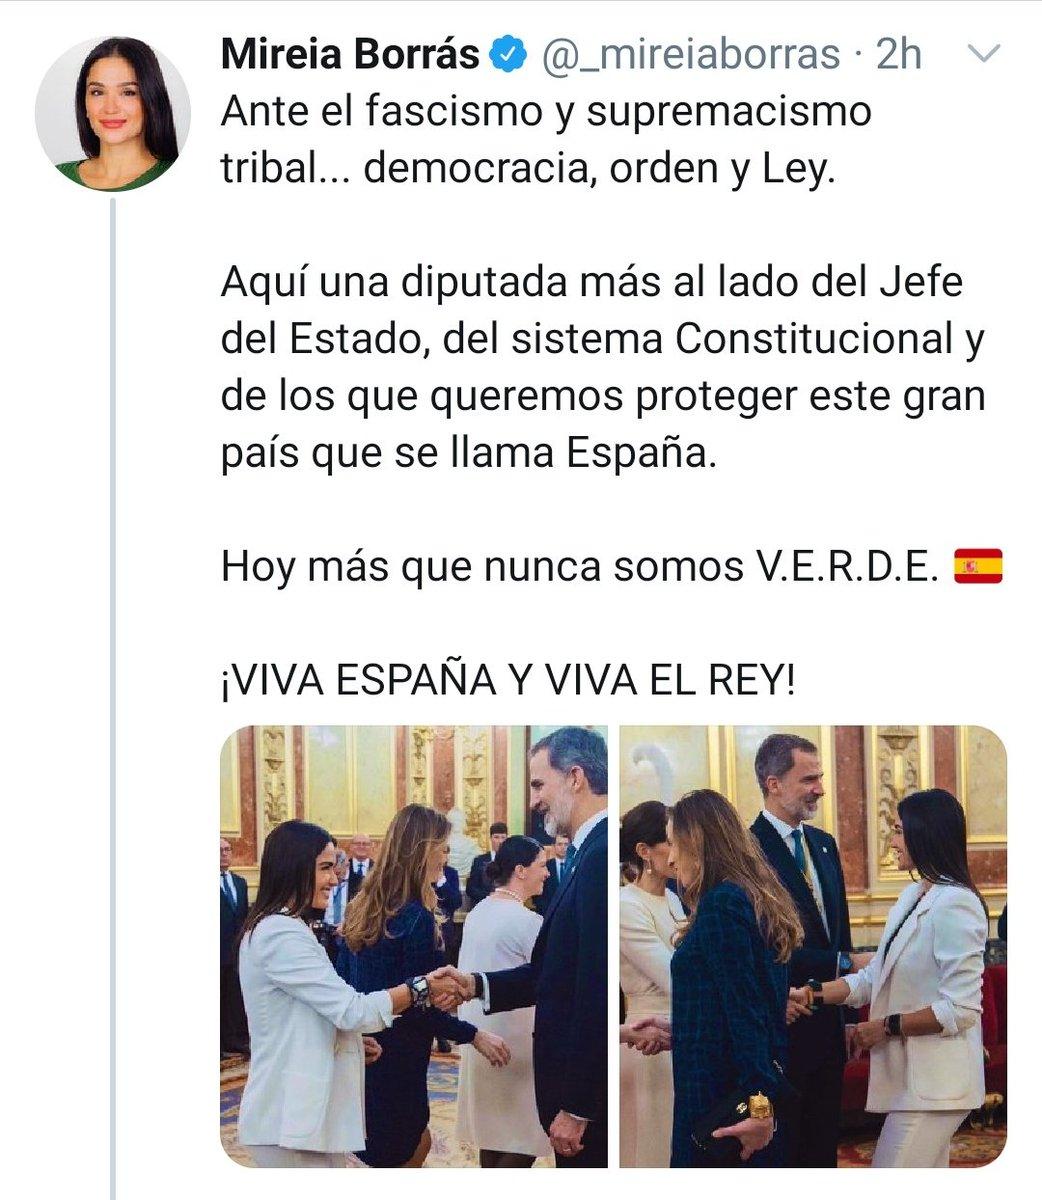 """Le ha faltado decir """"Fascistas somos nosotros. Mireia, céntrate"""". https://t.co/cUT3NPEUEk"""